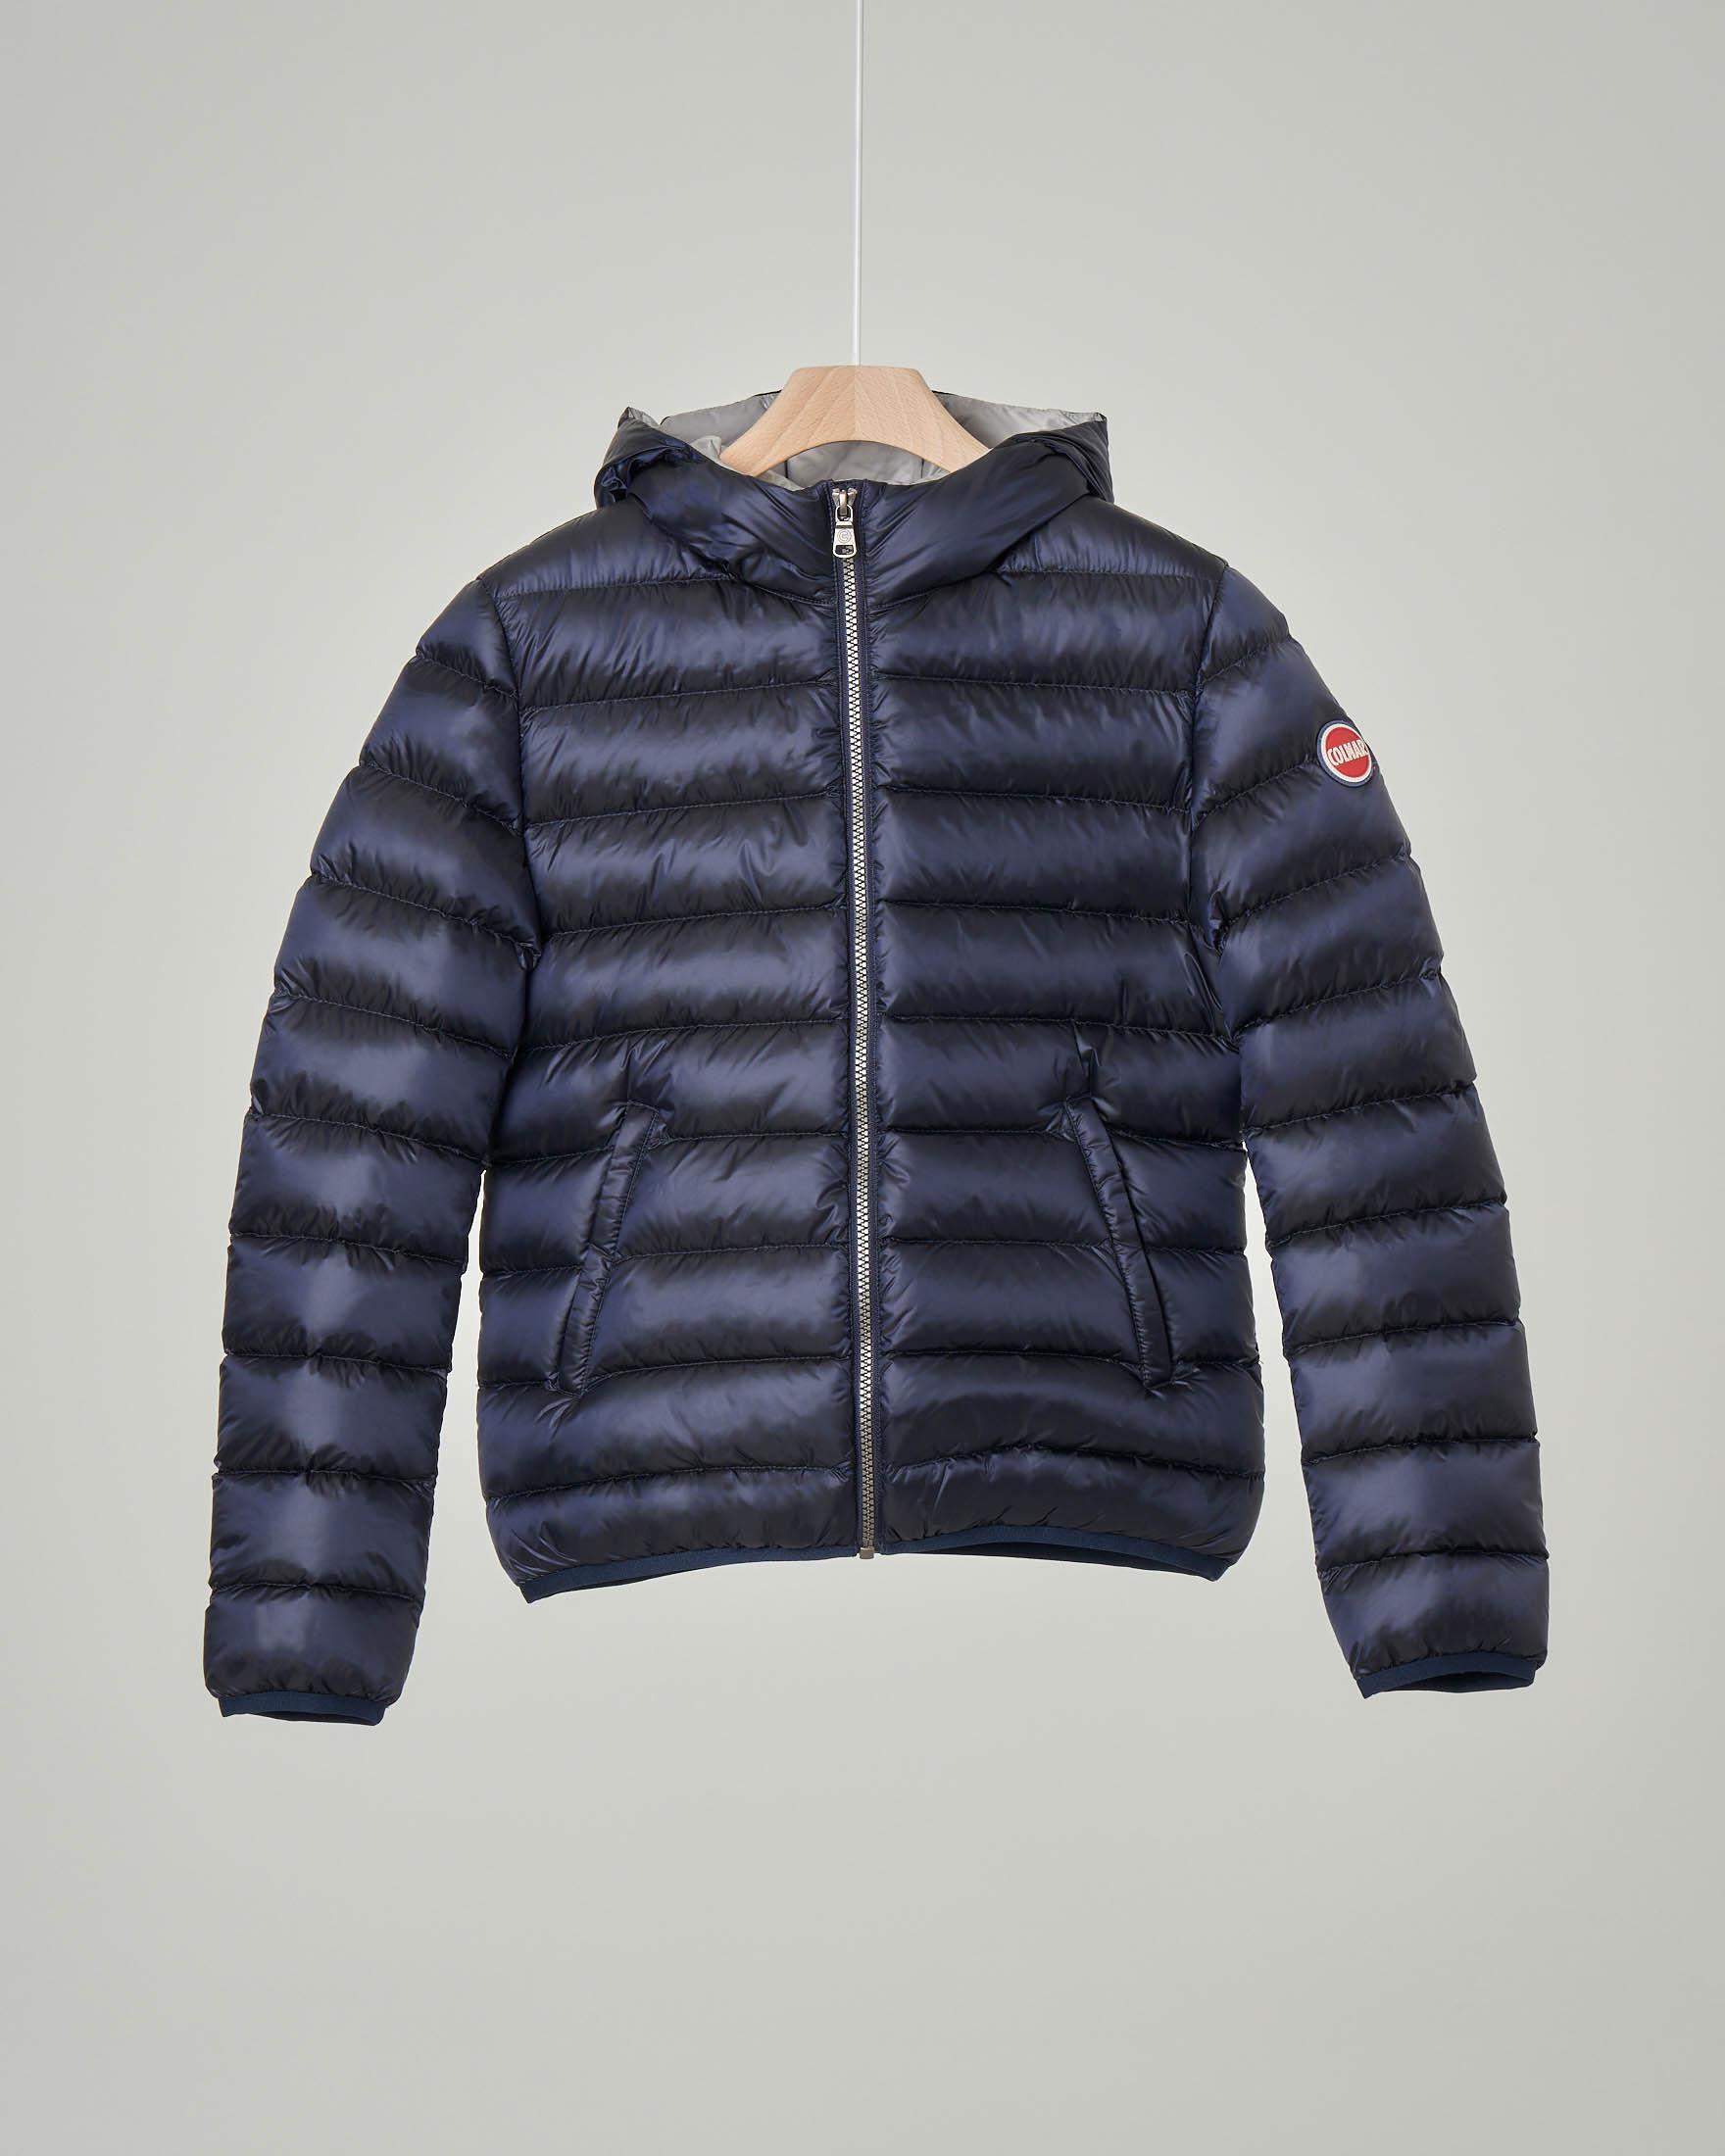 Piumino blu con cappuccio fisso 8-10 anni